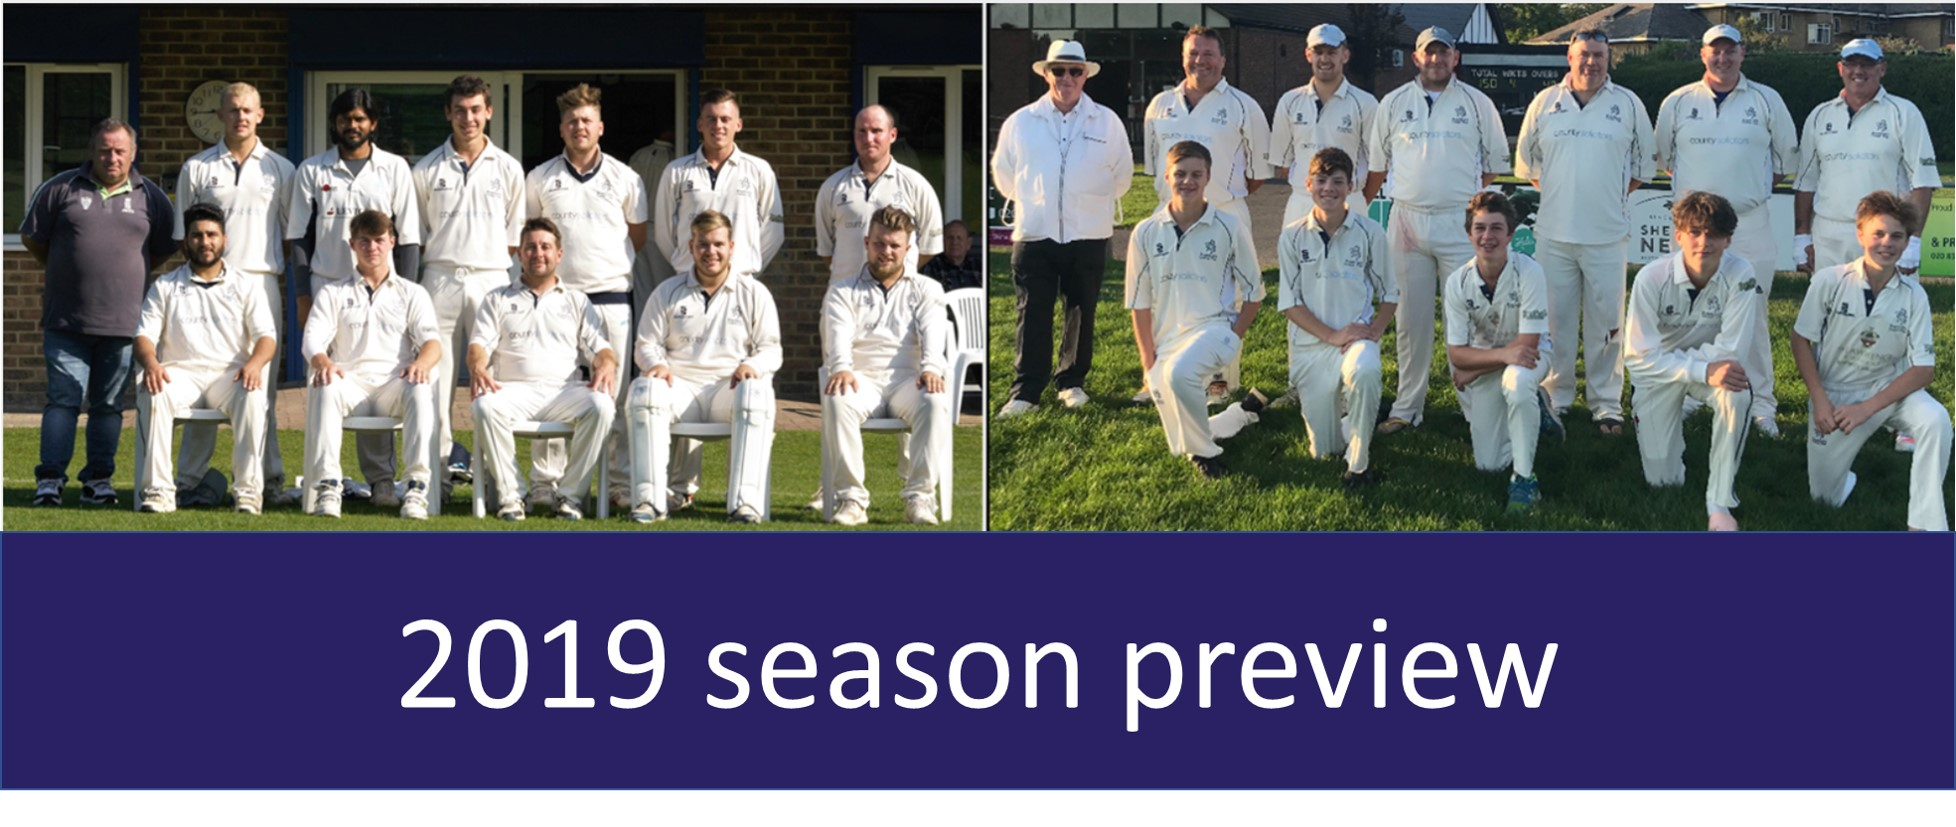 2019 season preview